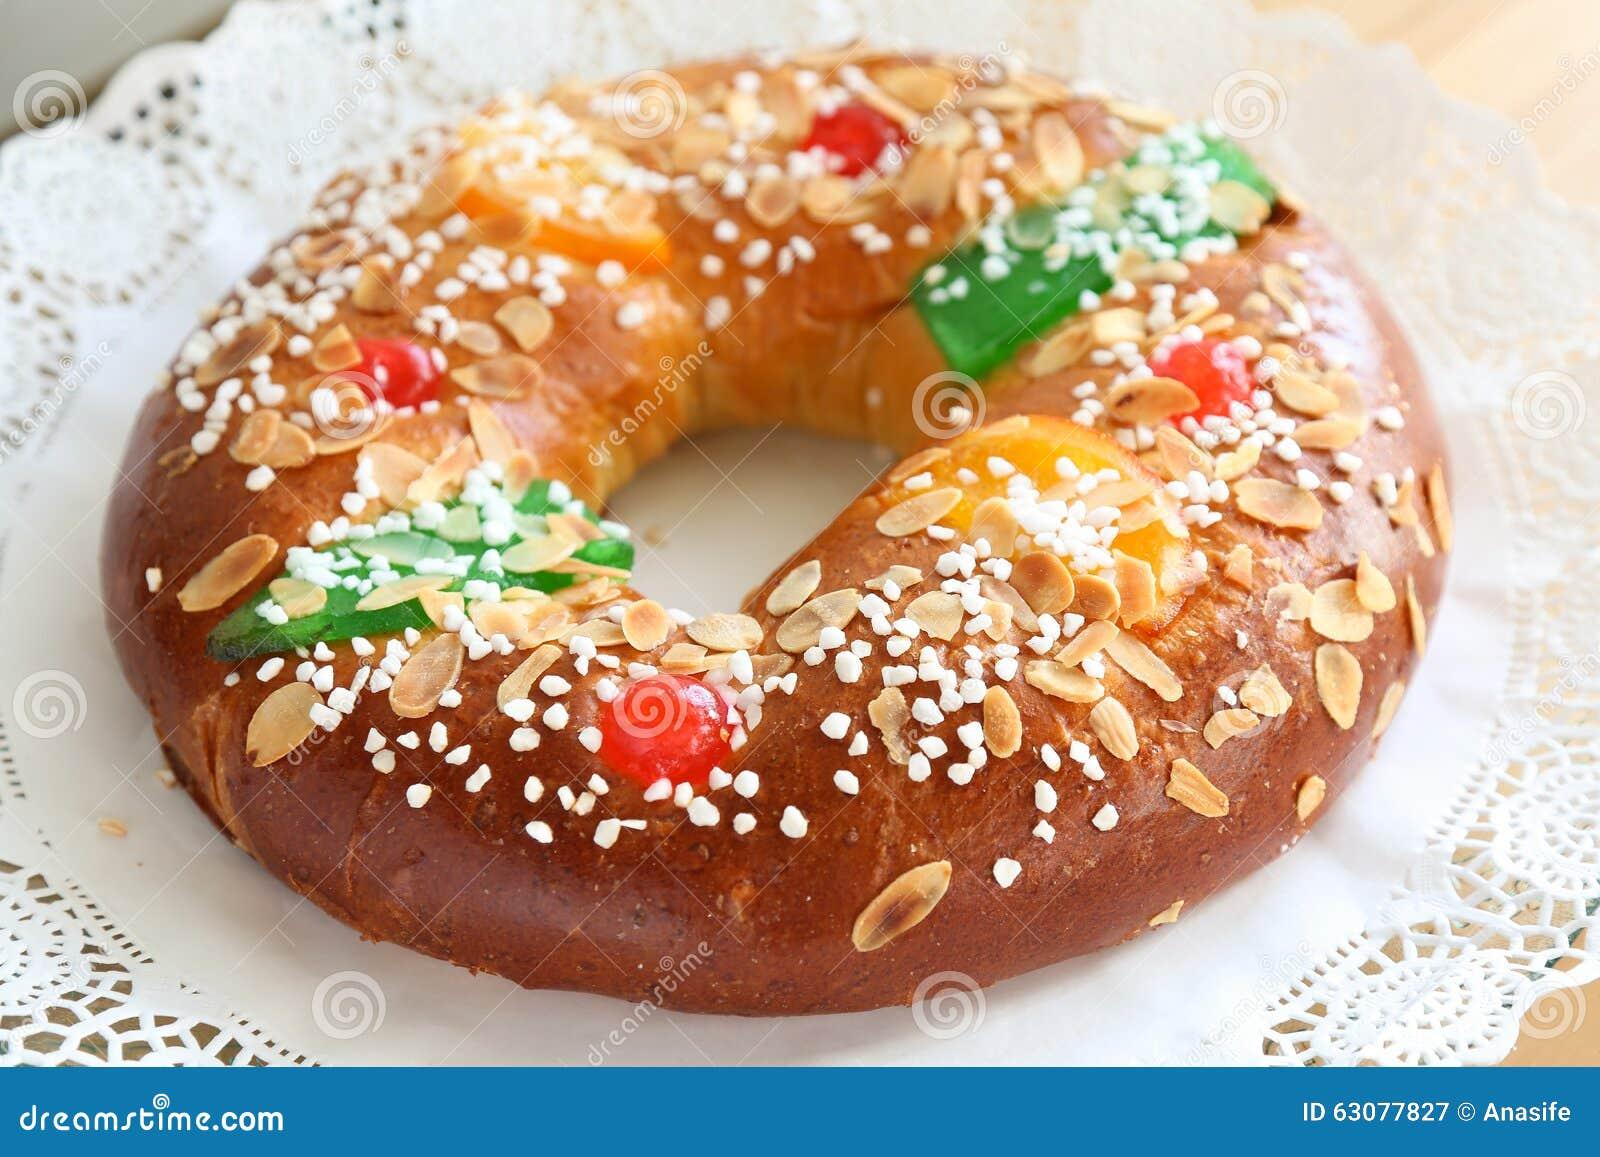 Download Gâteau de trois sages image stock. Image du dessert, hommes - 63077827